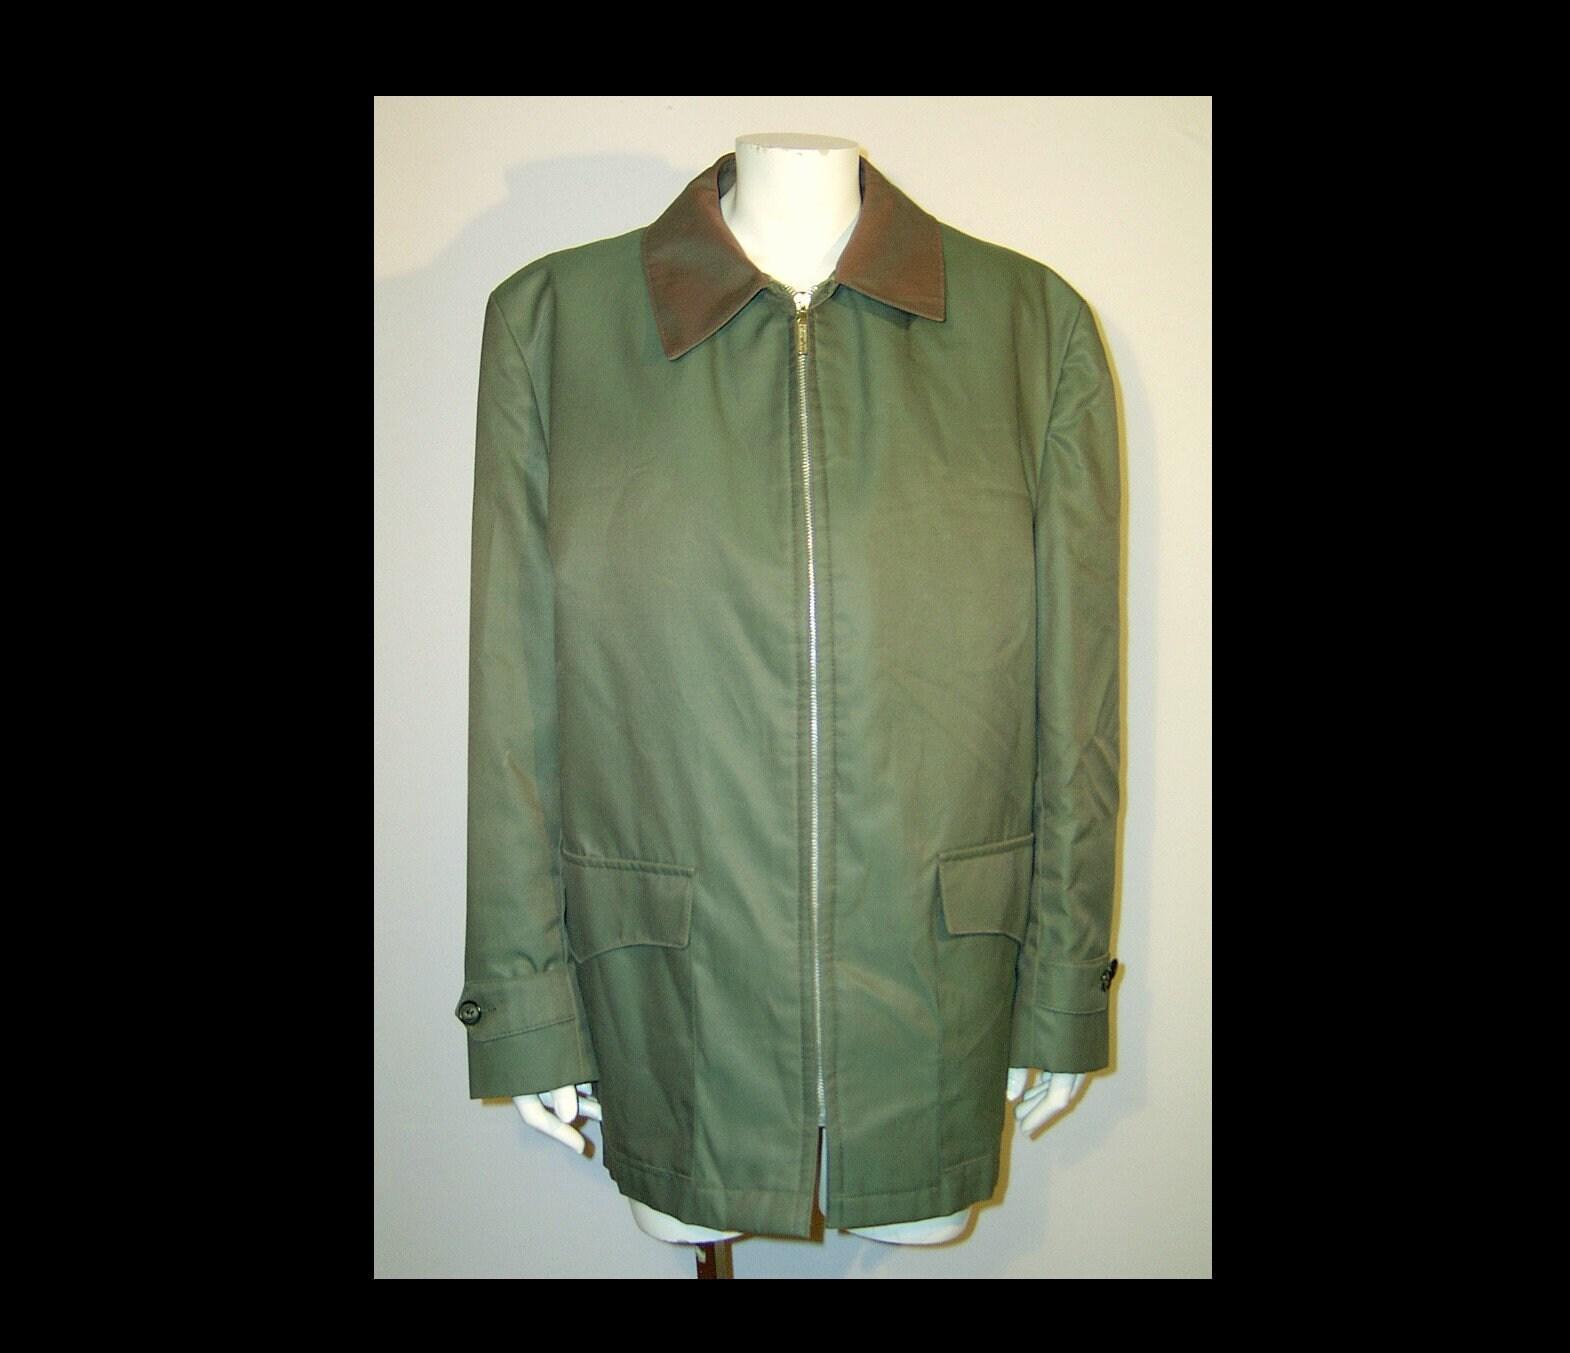 Moyen grand ~ ~ grand coton vert fermeture éclair hommes veste de chasse corvée avec fausse fourrure zippée à doublure ~ Croydon Made in Canada ~ Rabat poches ceintures côté 970892